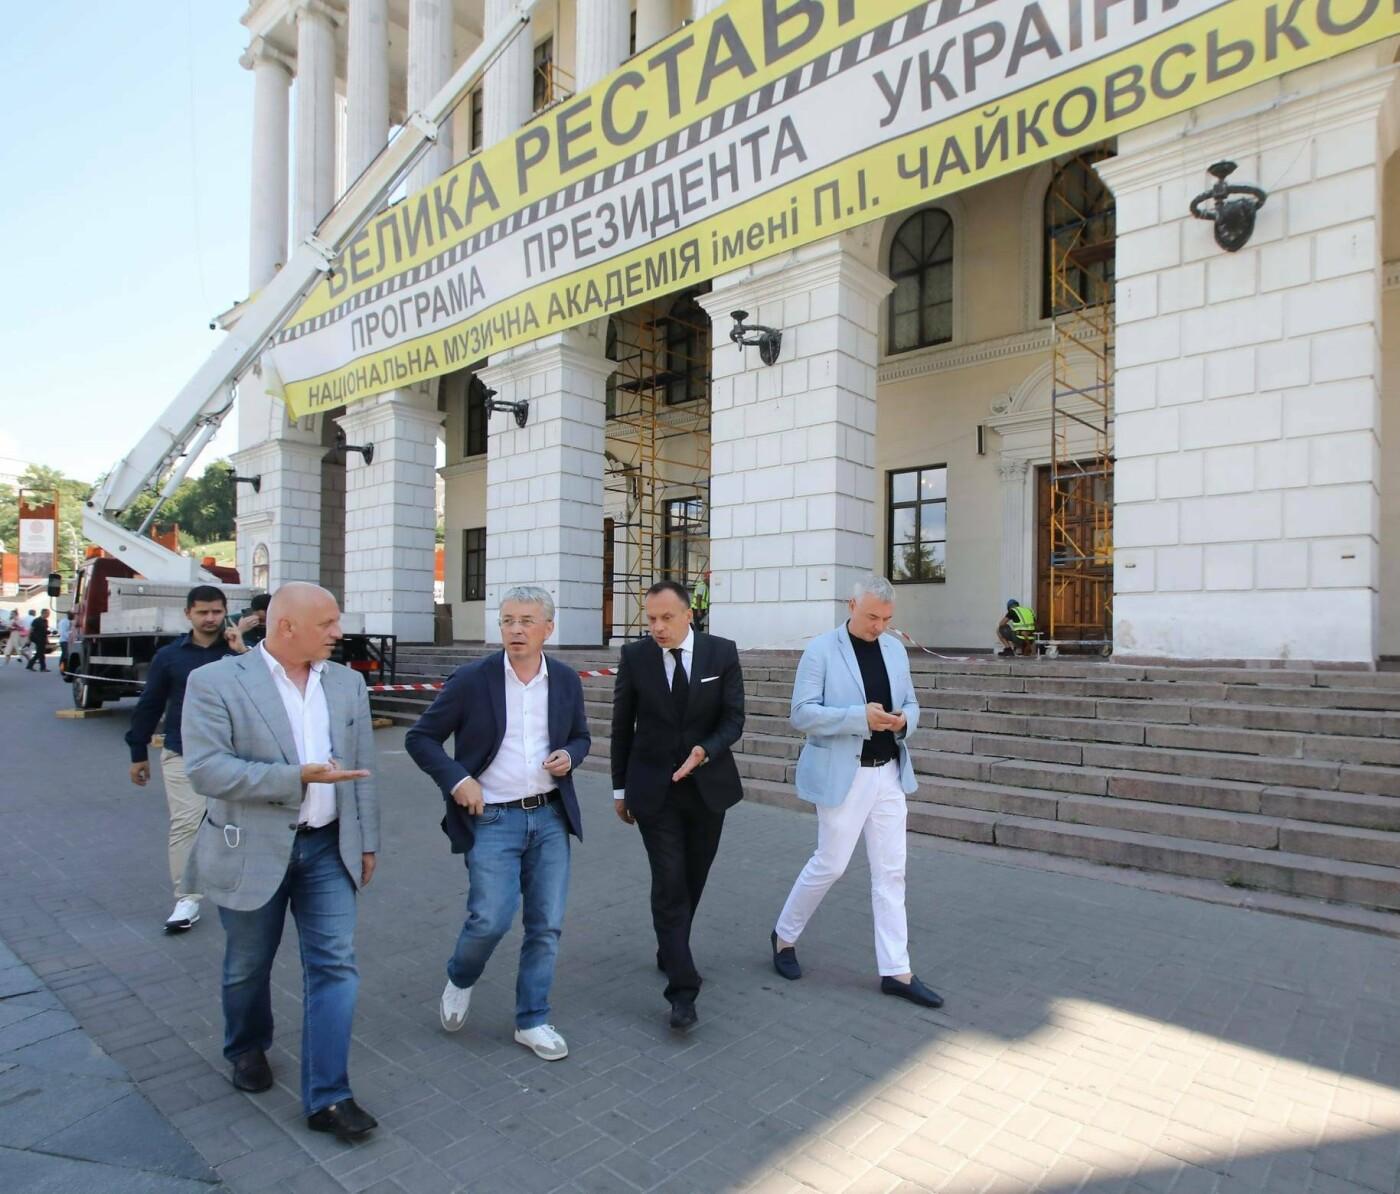 Реставрация музыкальной академии Чайковского